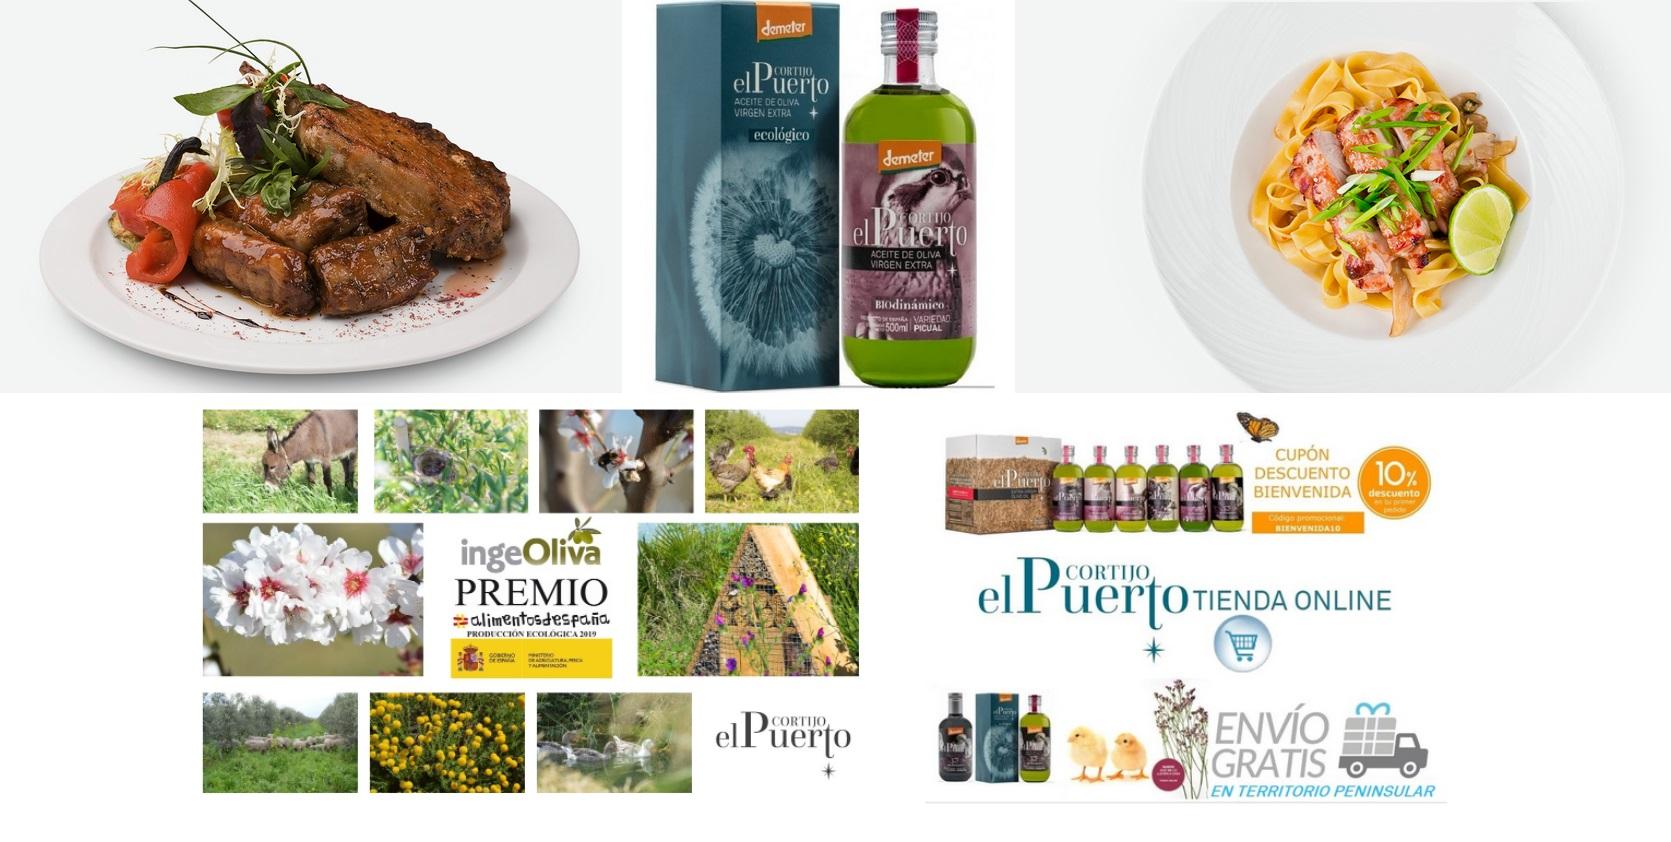 picual aceite de oliva ecologico biodinamico cortijo el puerto